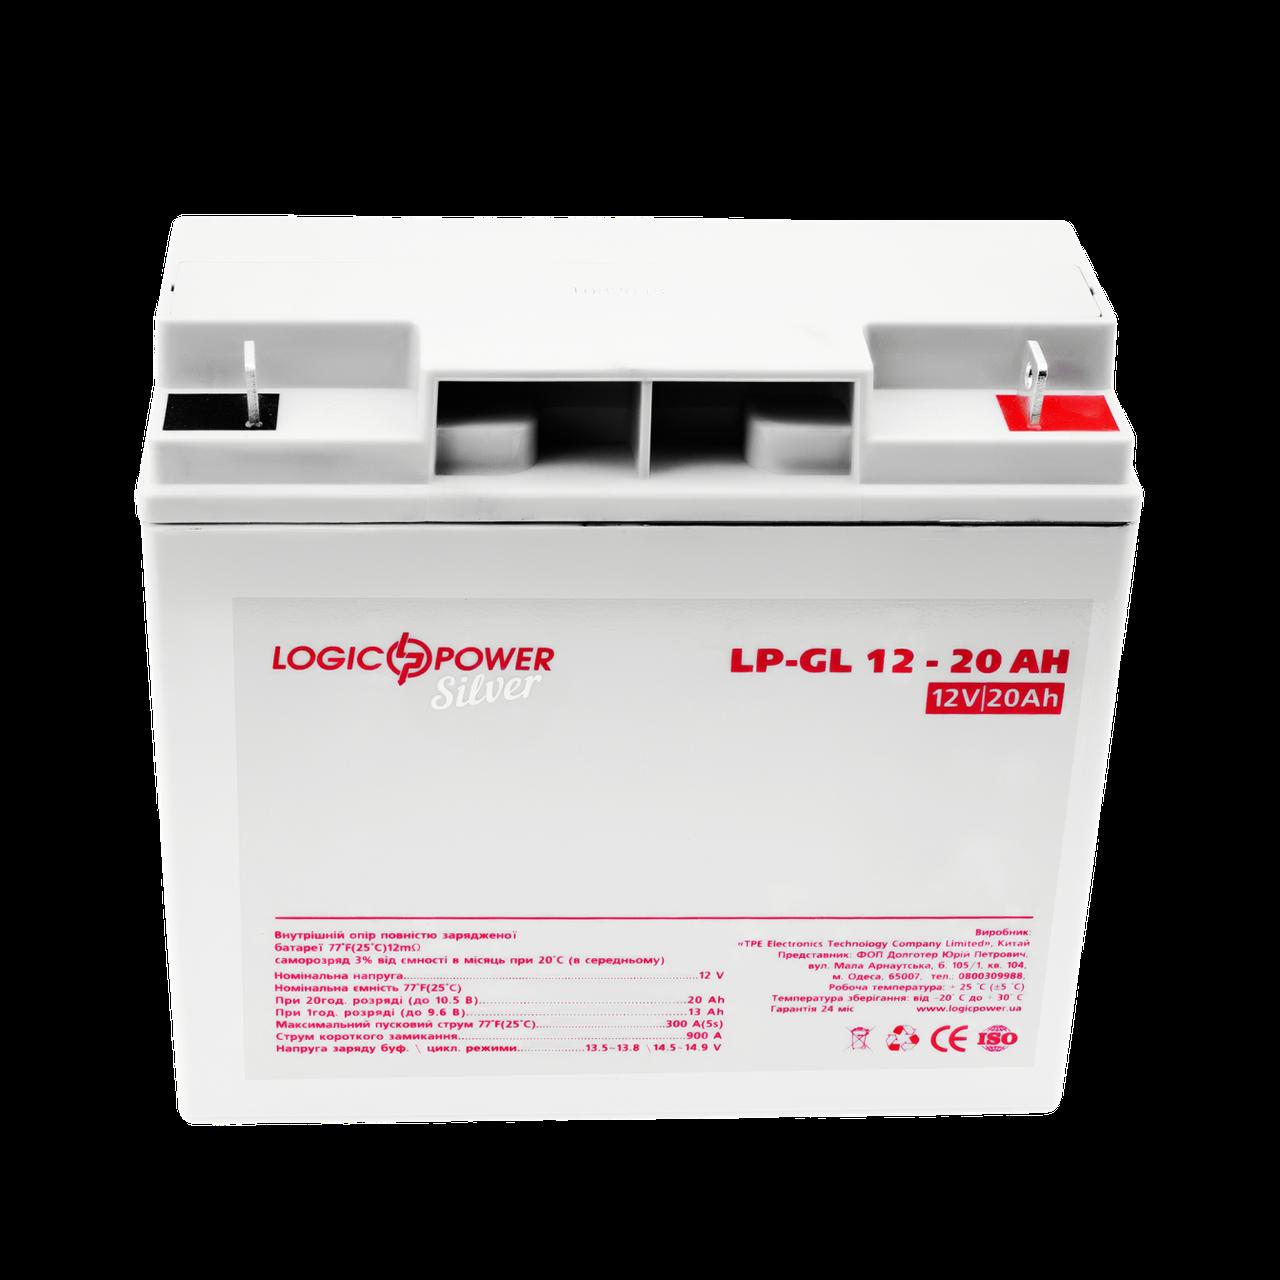 Аккумулятор гелевый LogicPower LP-GL 12 - 20 AH